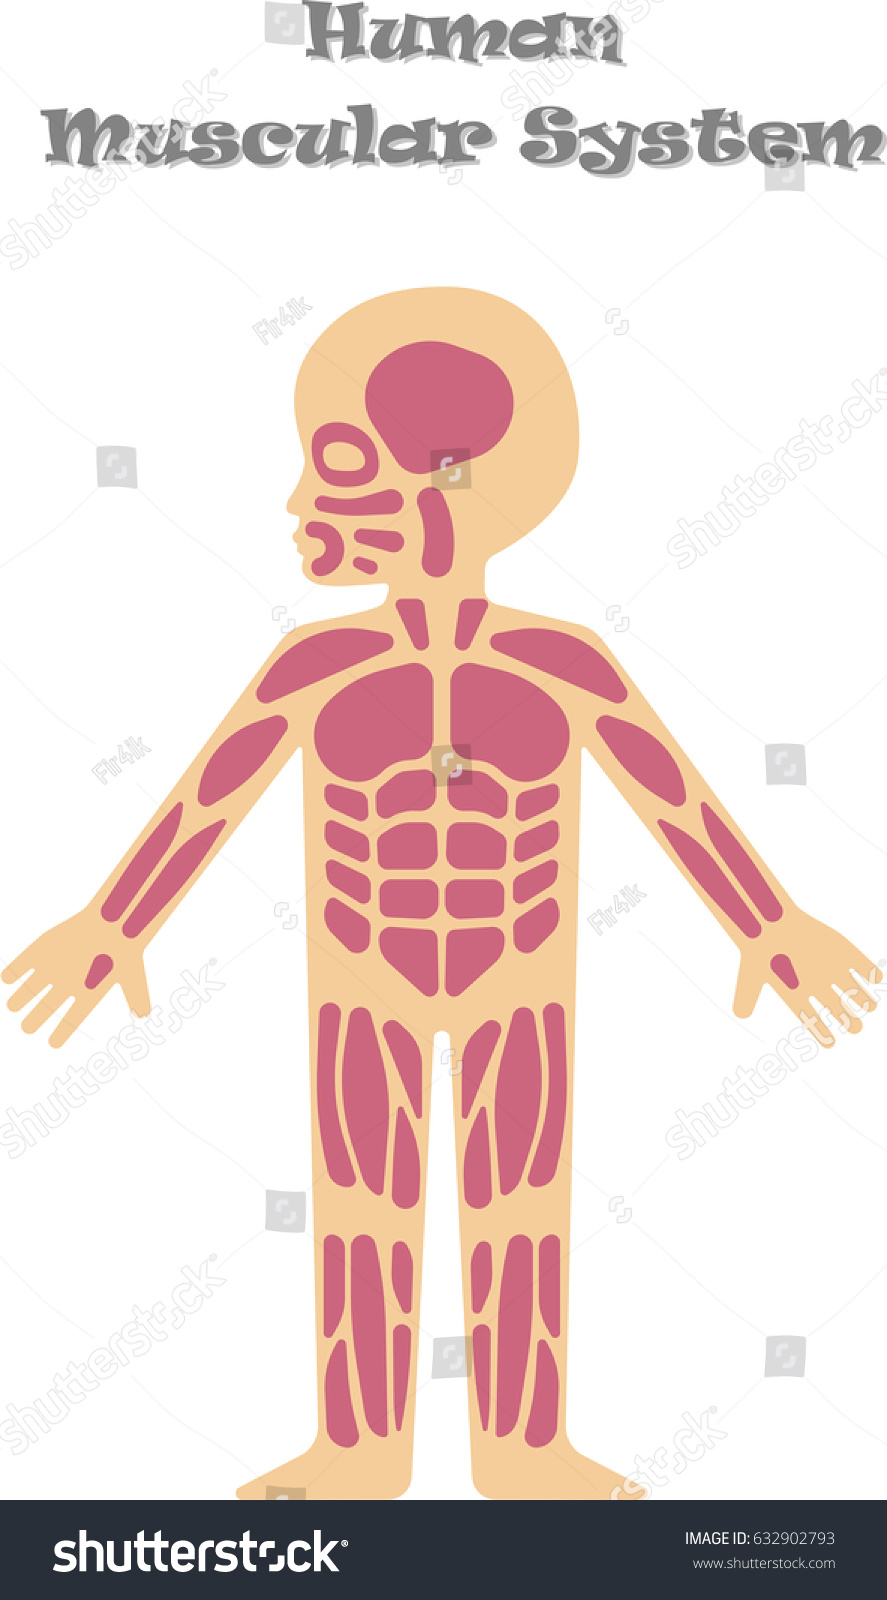 Human Muscular System Kids Cartoon Illustration Stock Illustration